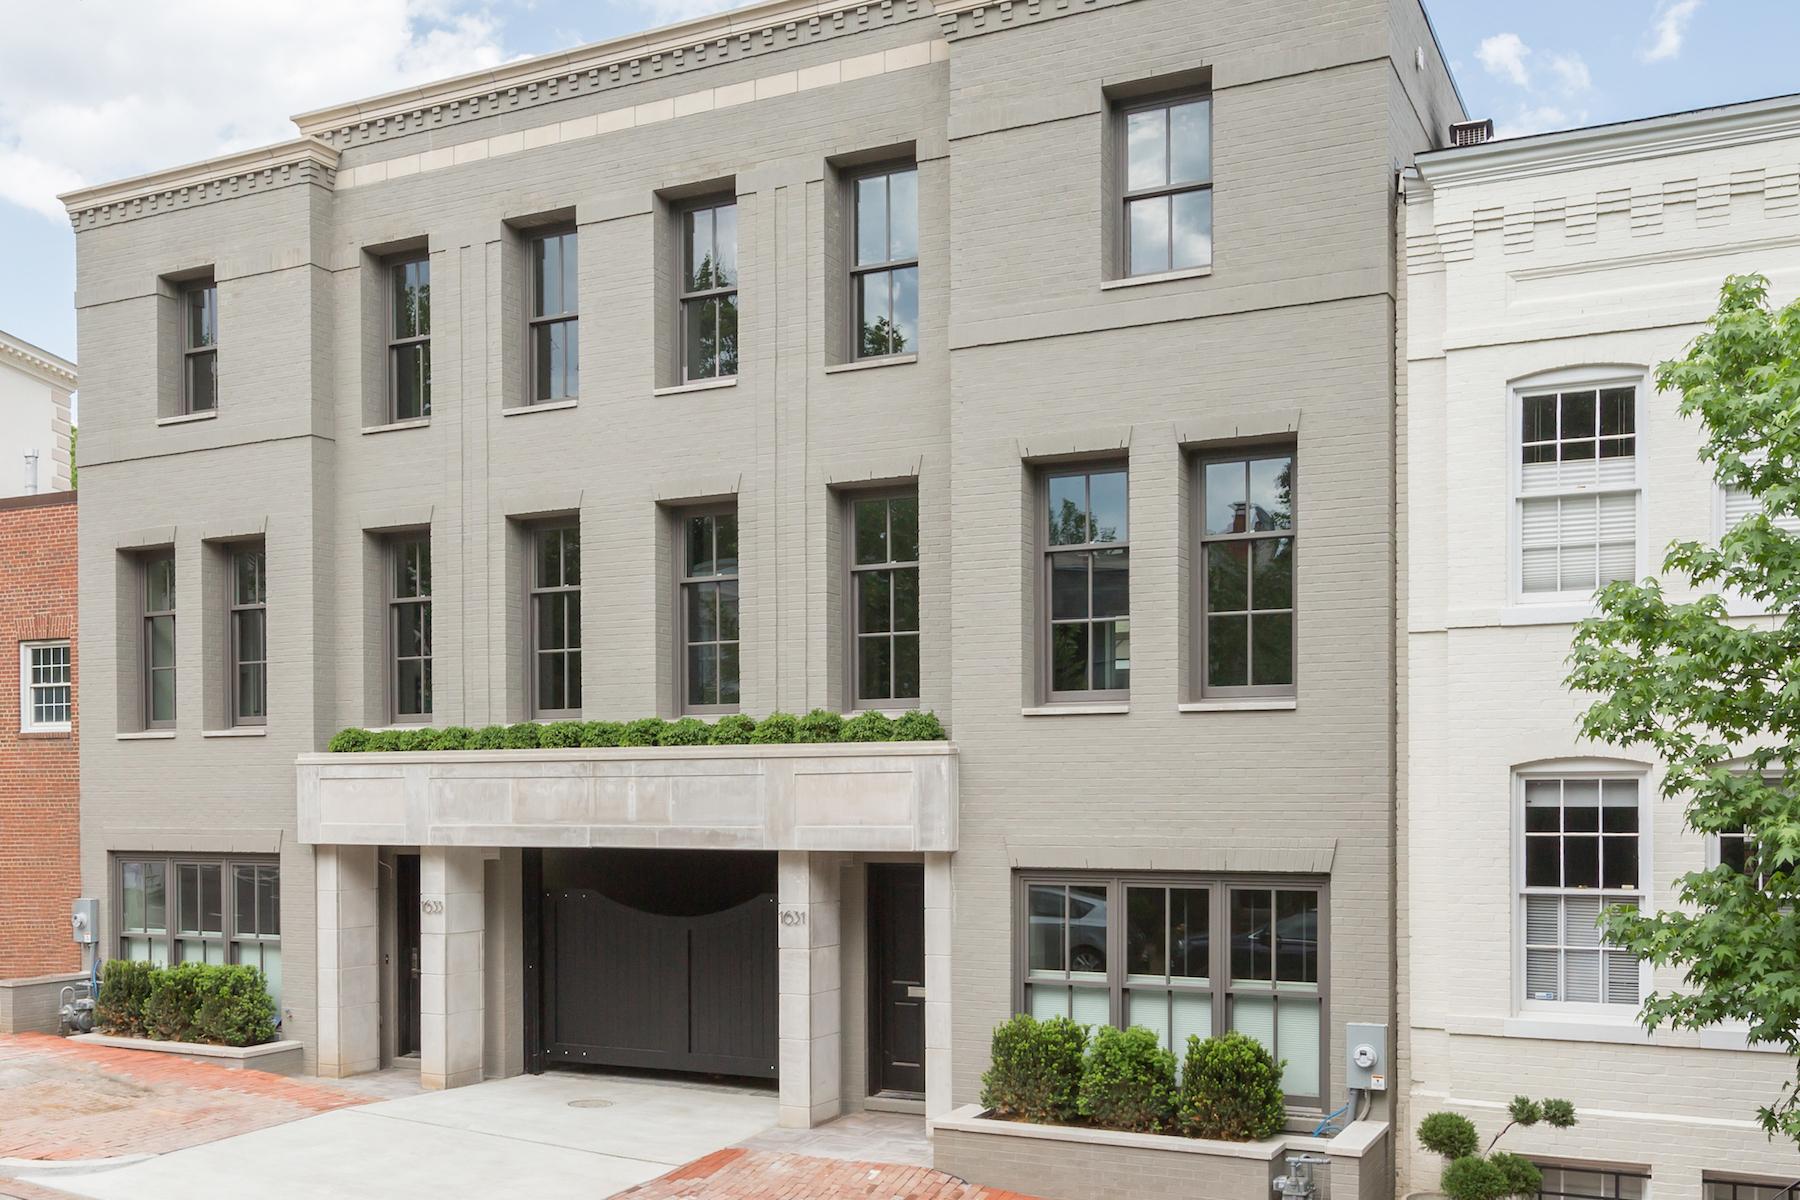 联栋屋 为 销售 在 Georgetown 1633 33rd Street Nw Georgetown, 华盛顿市, 哥伦比亚特区, 20007 美国